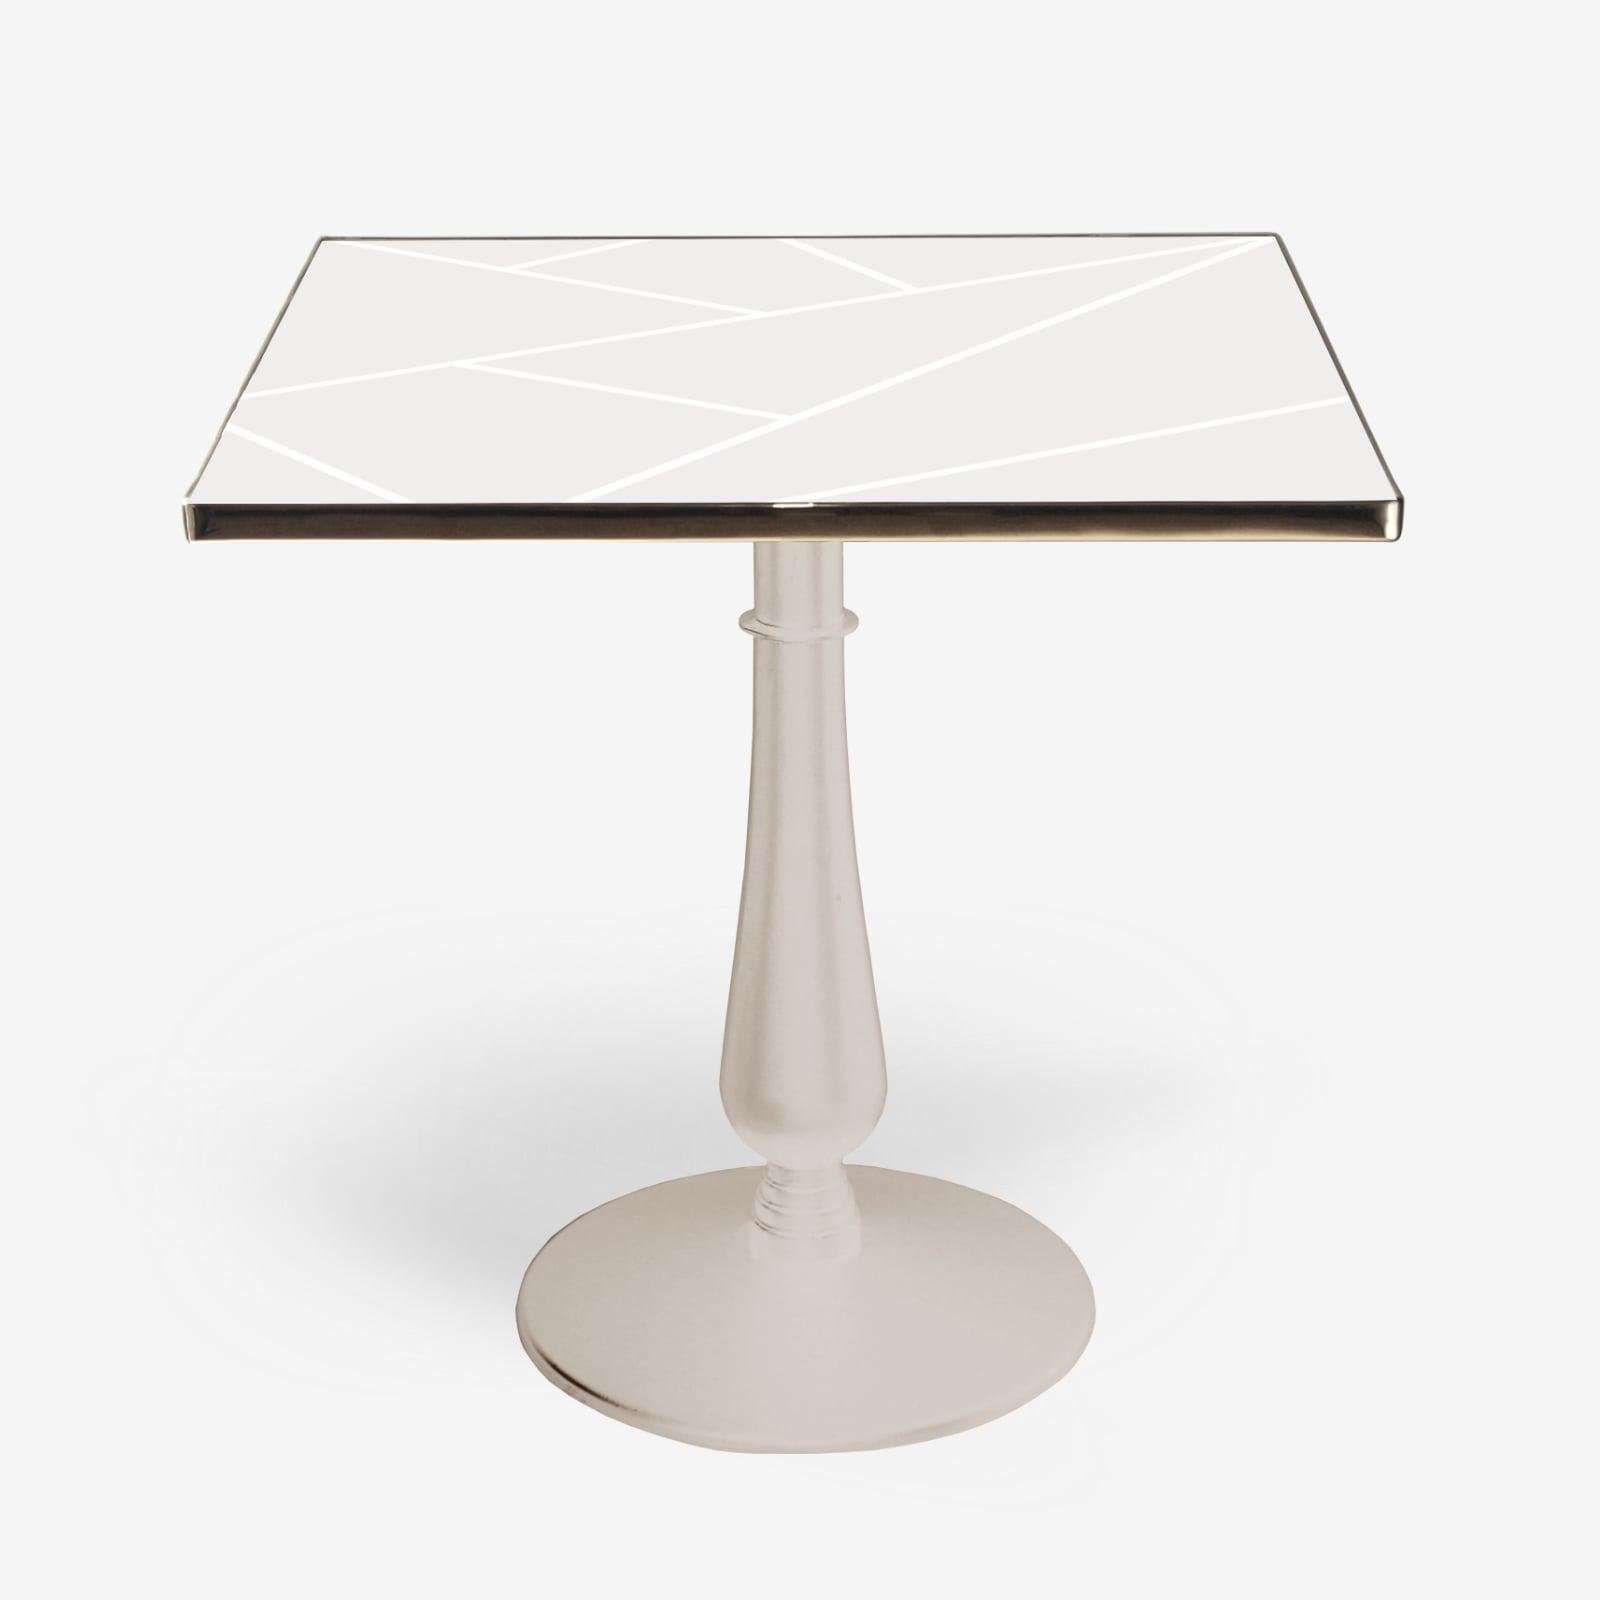 Tavolo-per-ristoranti-bar-alberghi-in-metallo-tavolo-di-design-per-arredo-contract-Deco-2